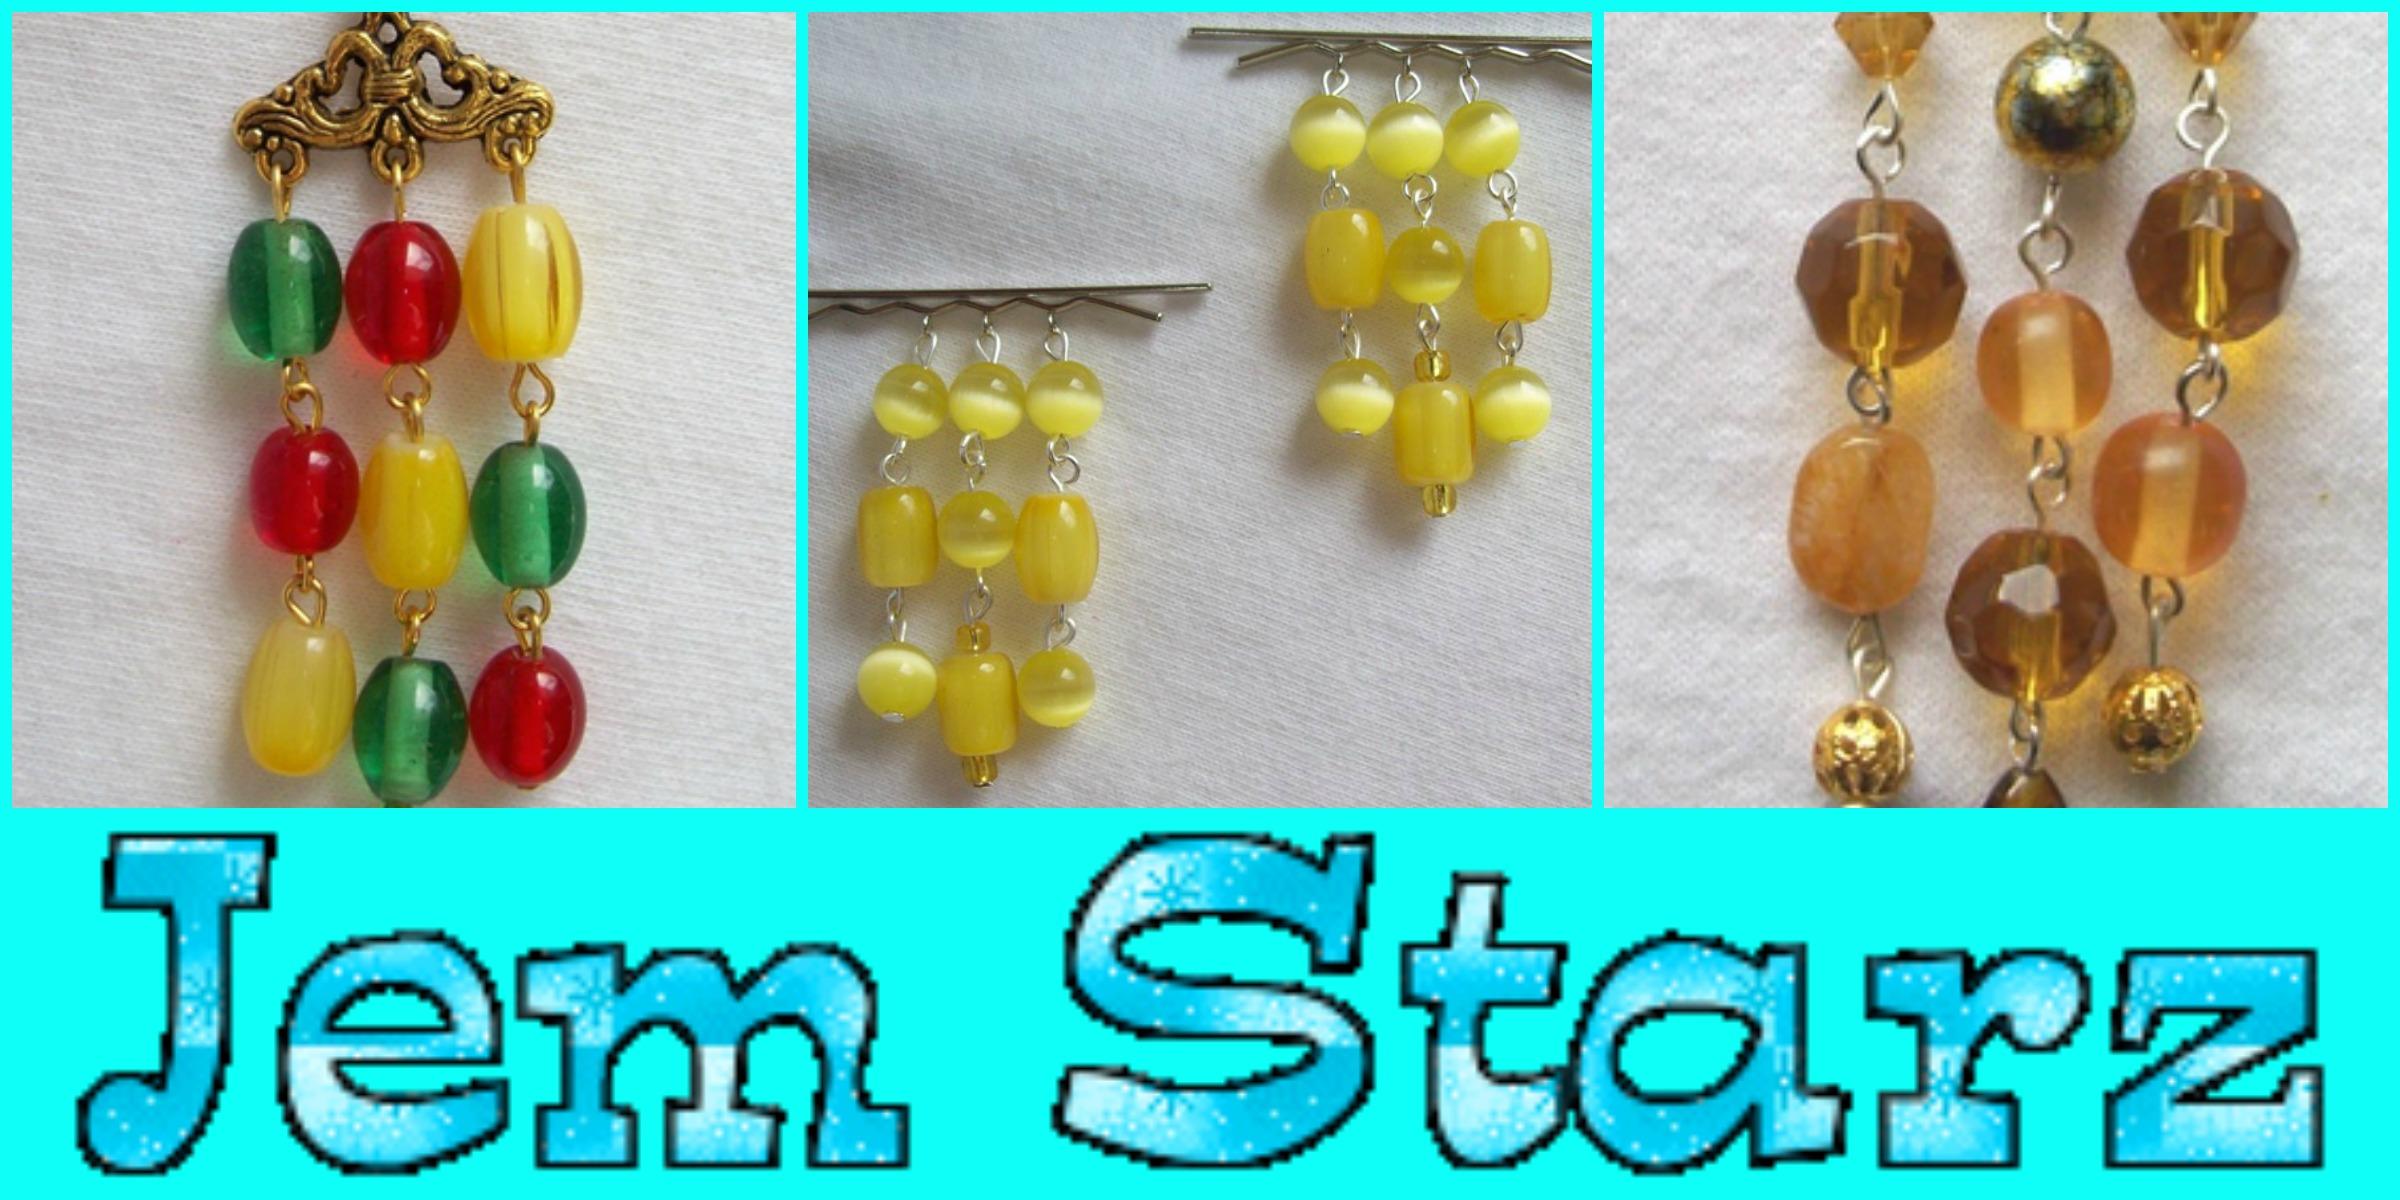 JEM STARZ: Final days for Jem Starz accessories